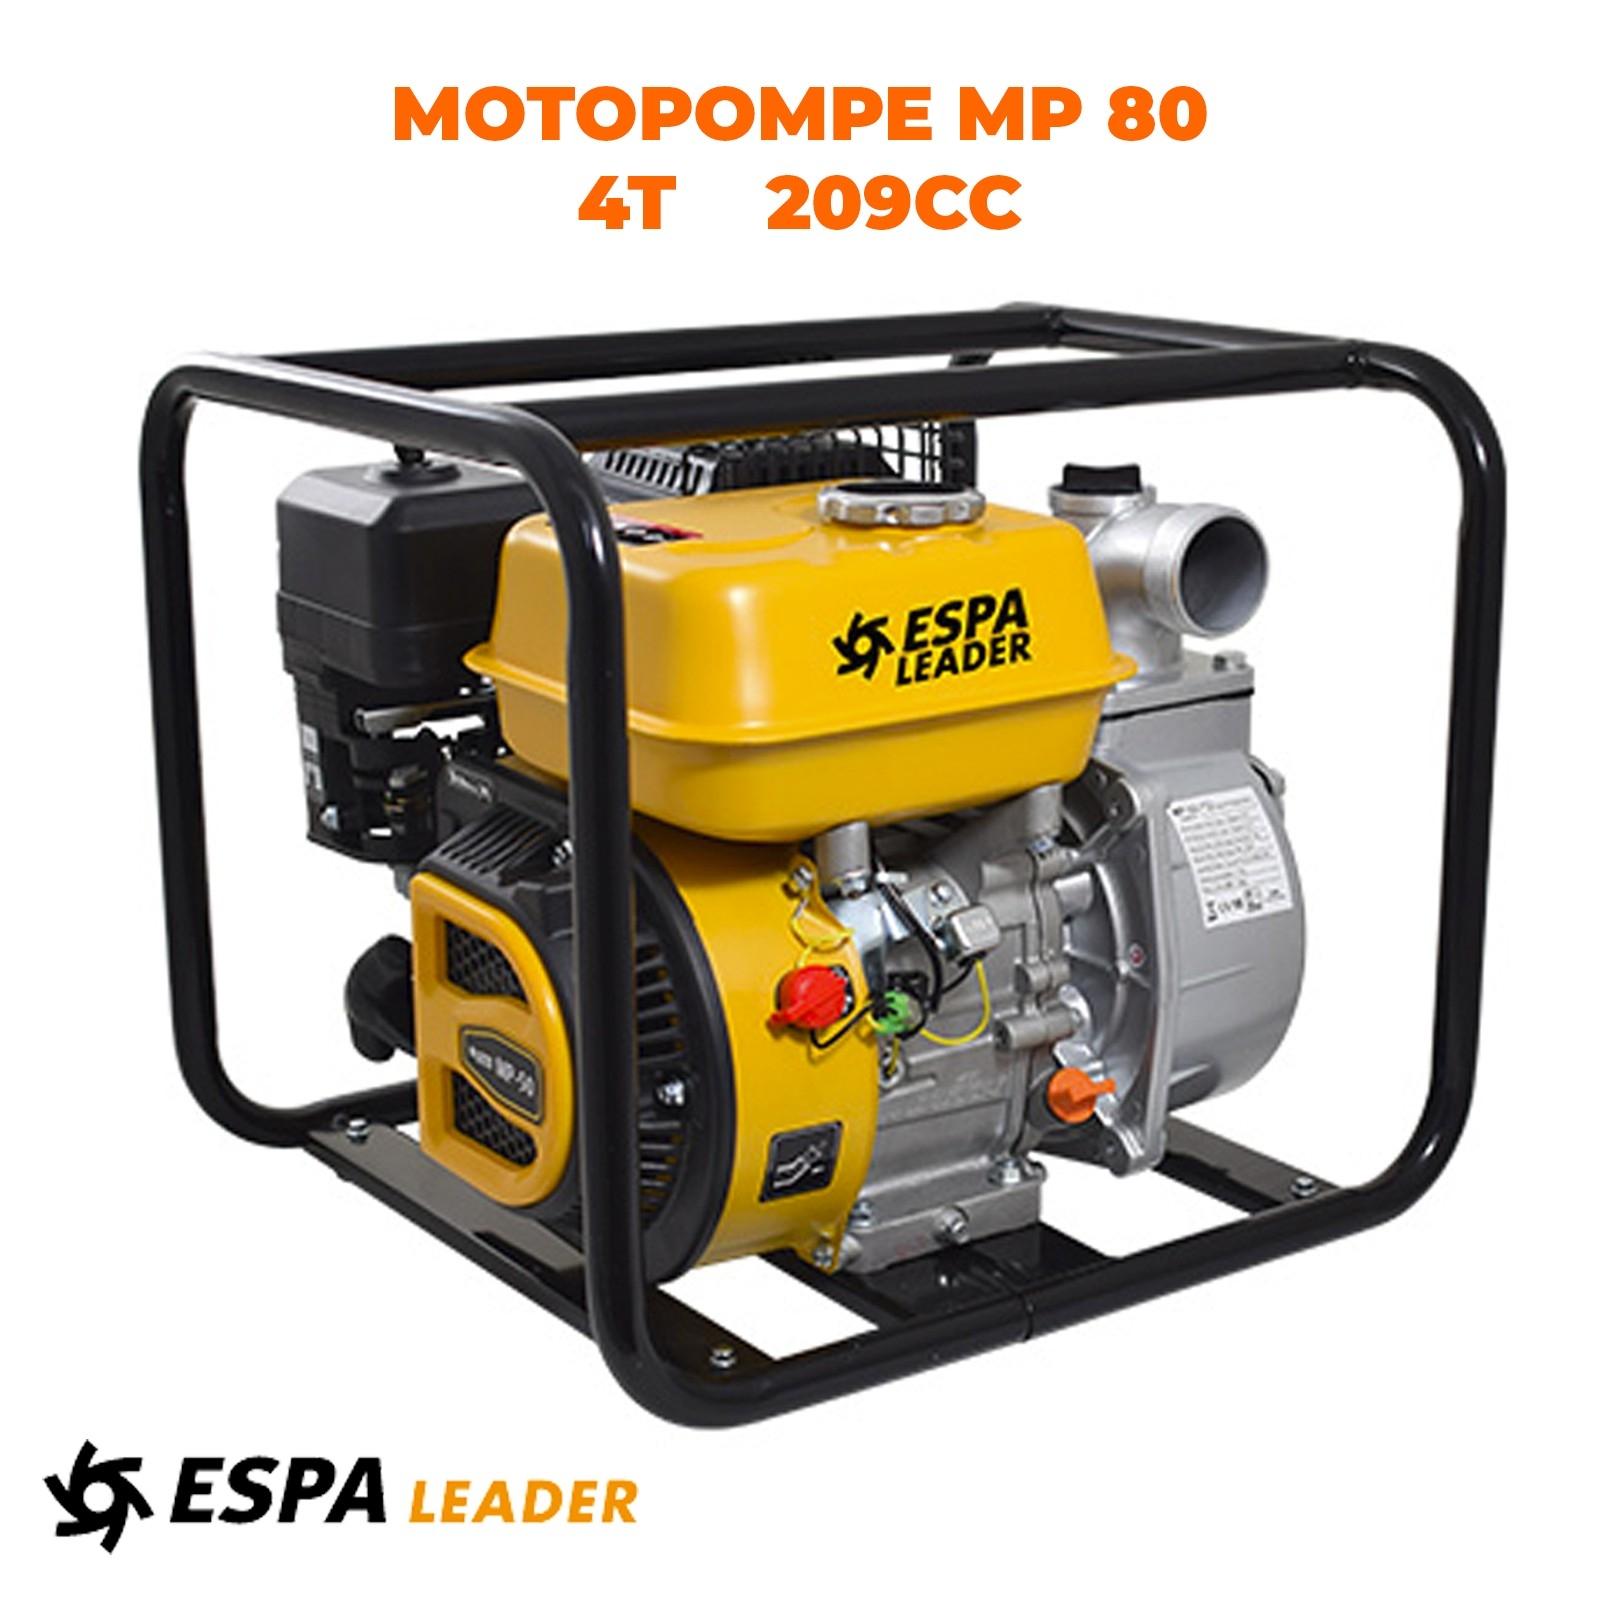 ESPA LEADER MOTOPOMPE MP-80